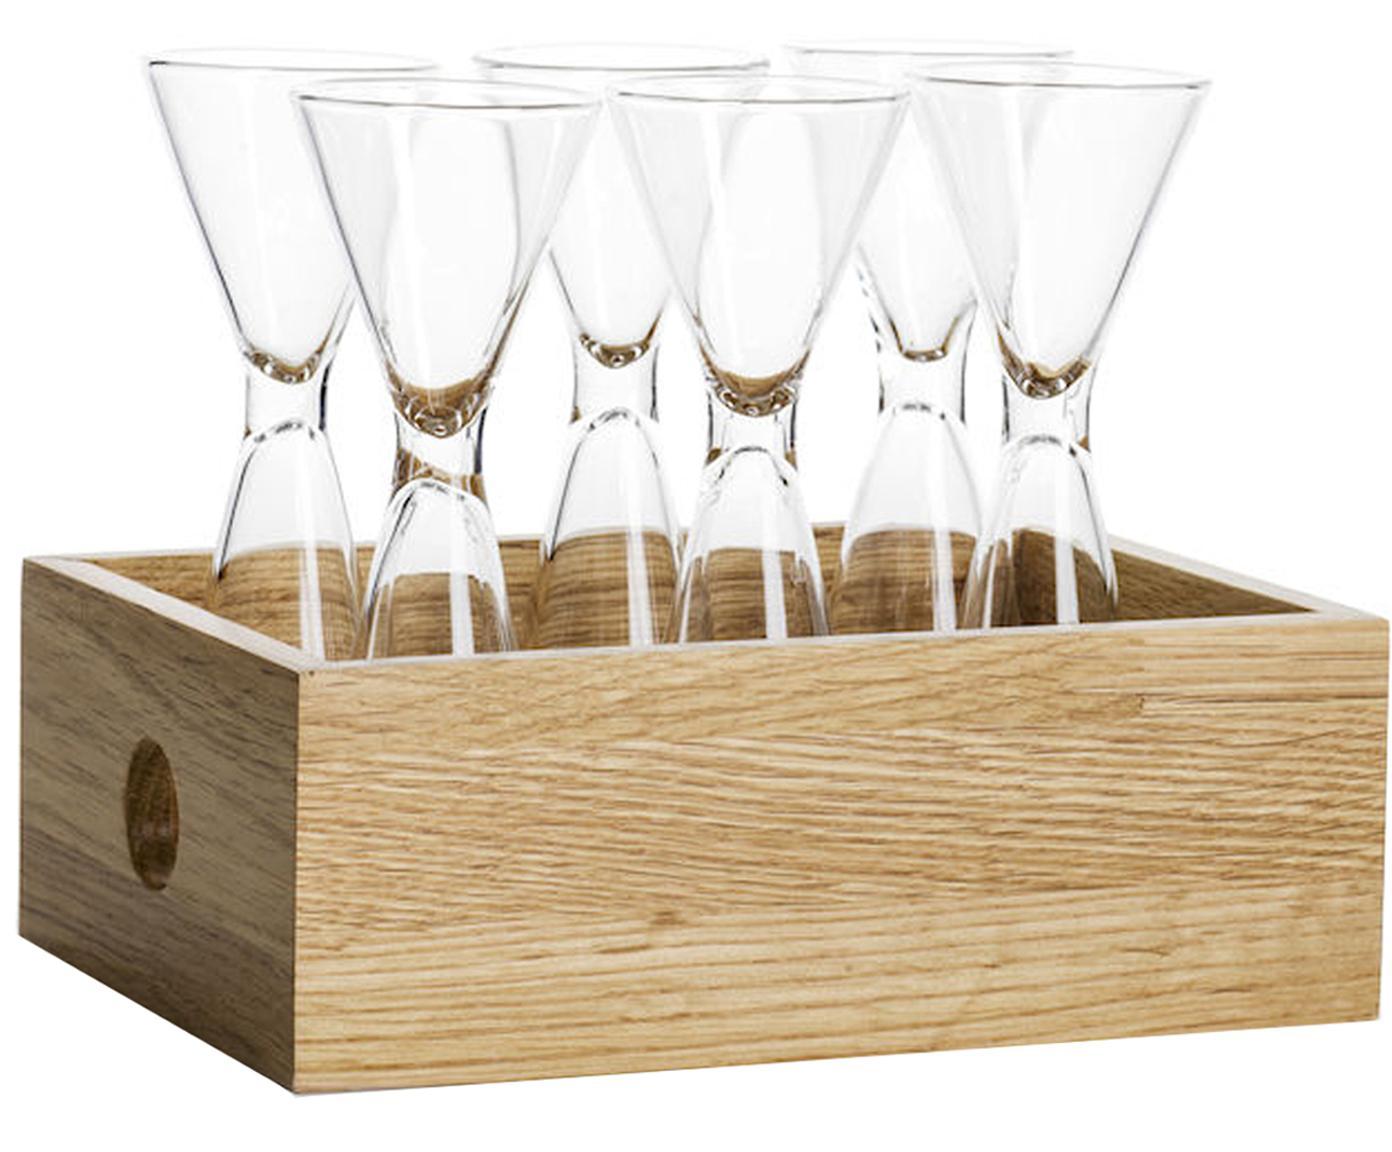 Komplet kieliszków ze szkła dmuchanego Semon, 7 elem., Szkło dmuchane, drewno dębowe, Transparentny, drewno dębowe, Ø 4 x W 12 cm